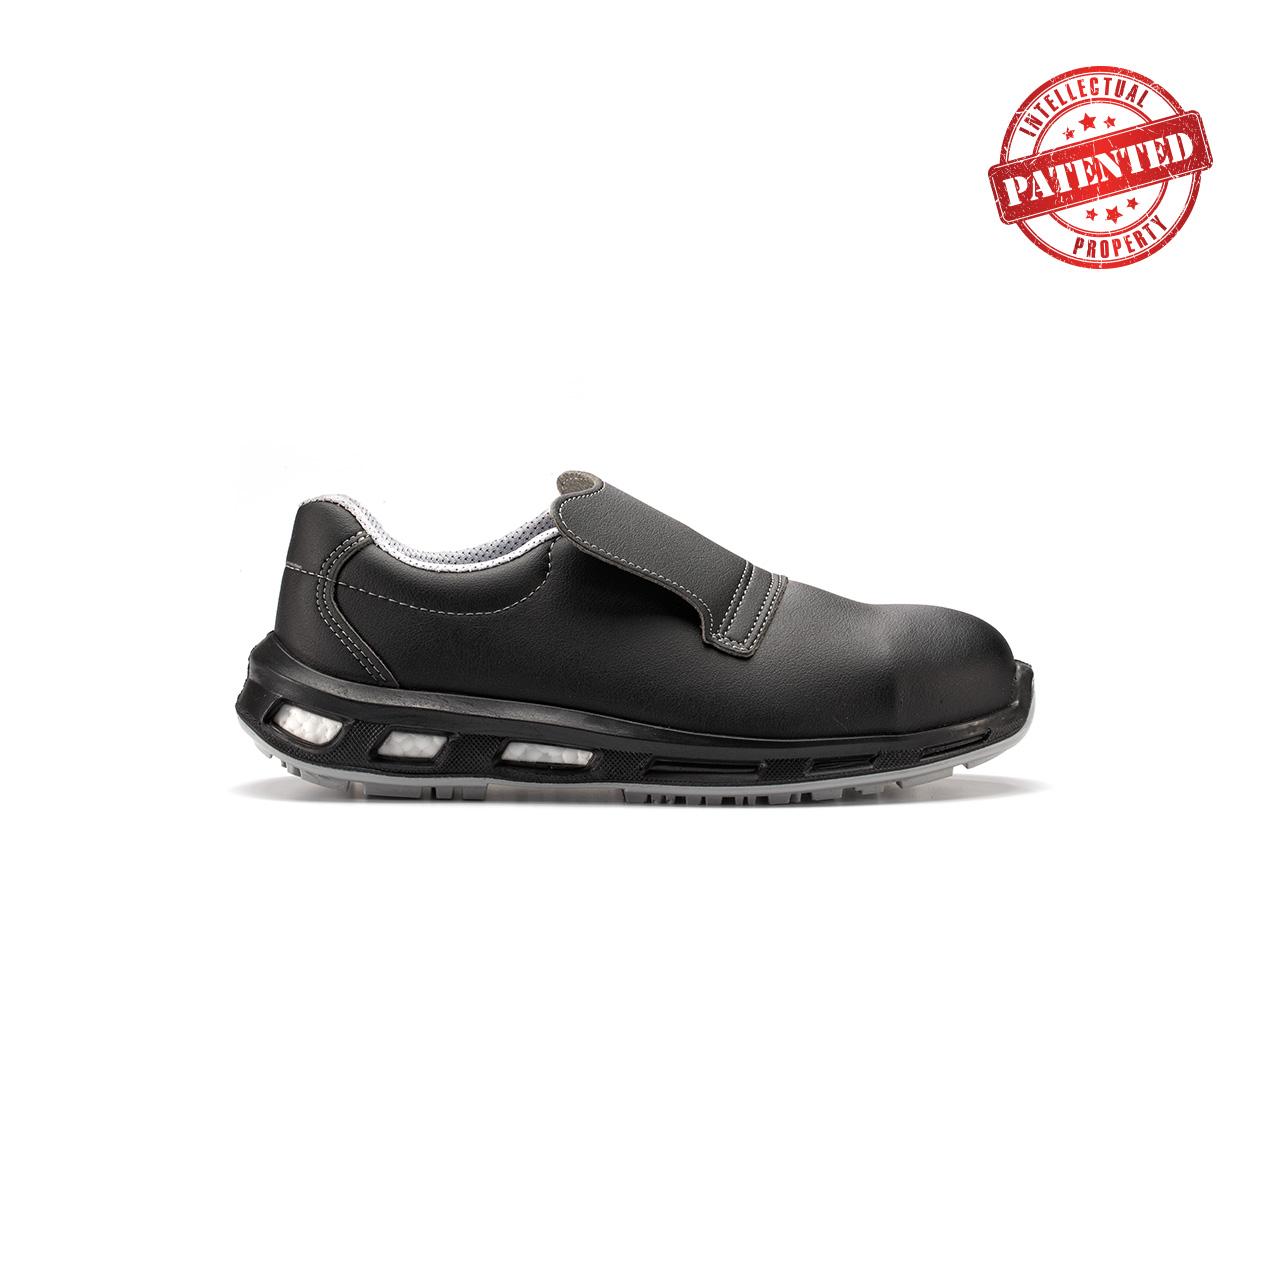 calzatura da lavoro upower modello noir linea redlion vista lato destro